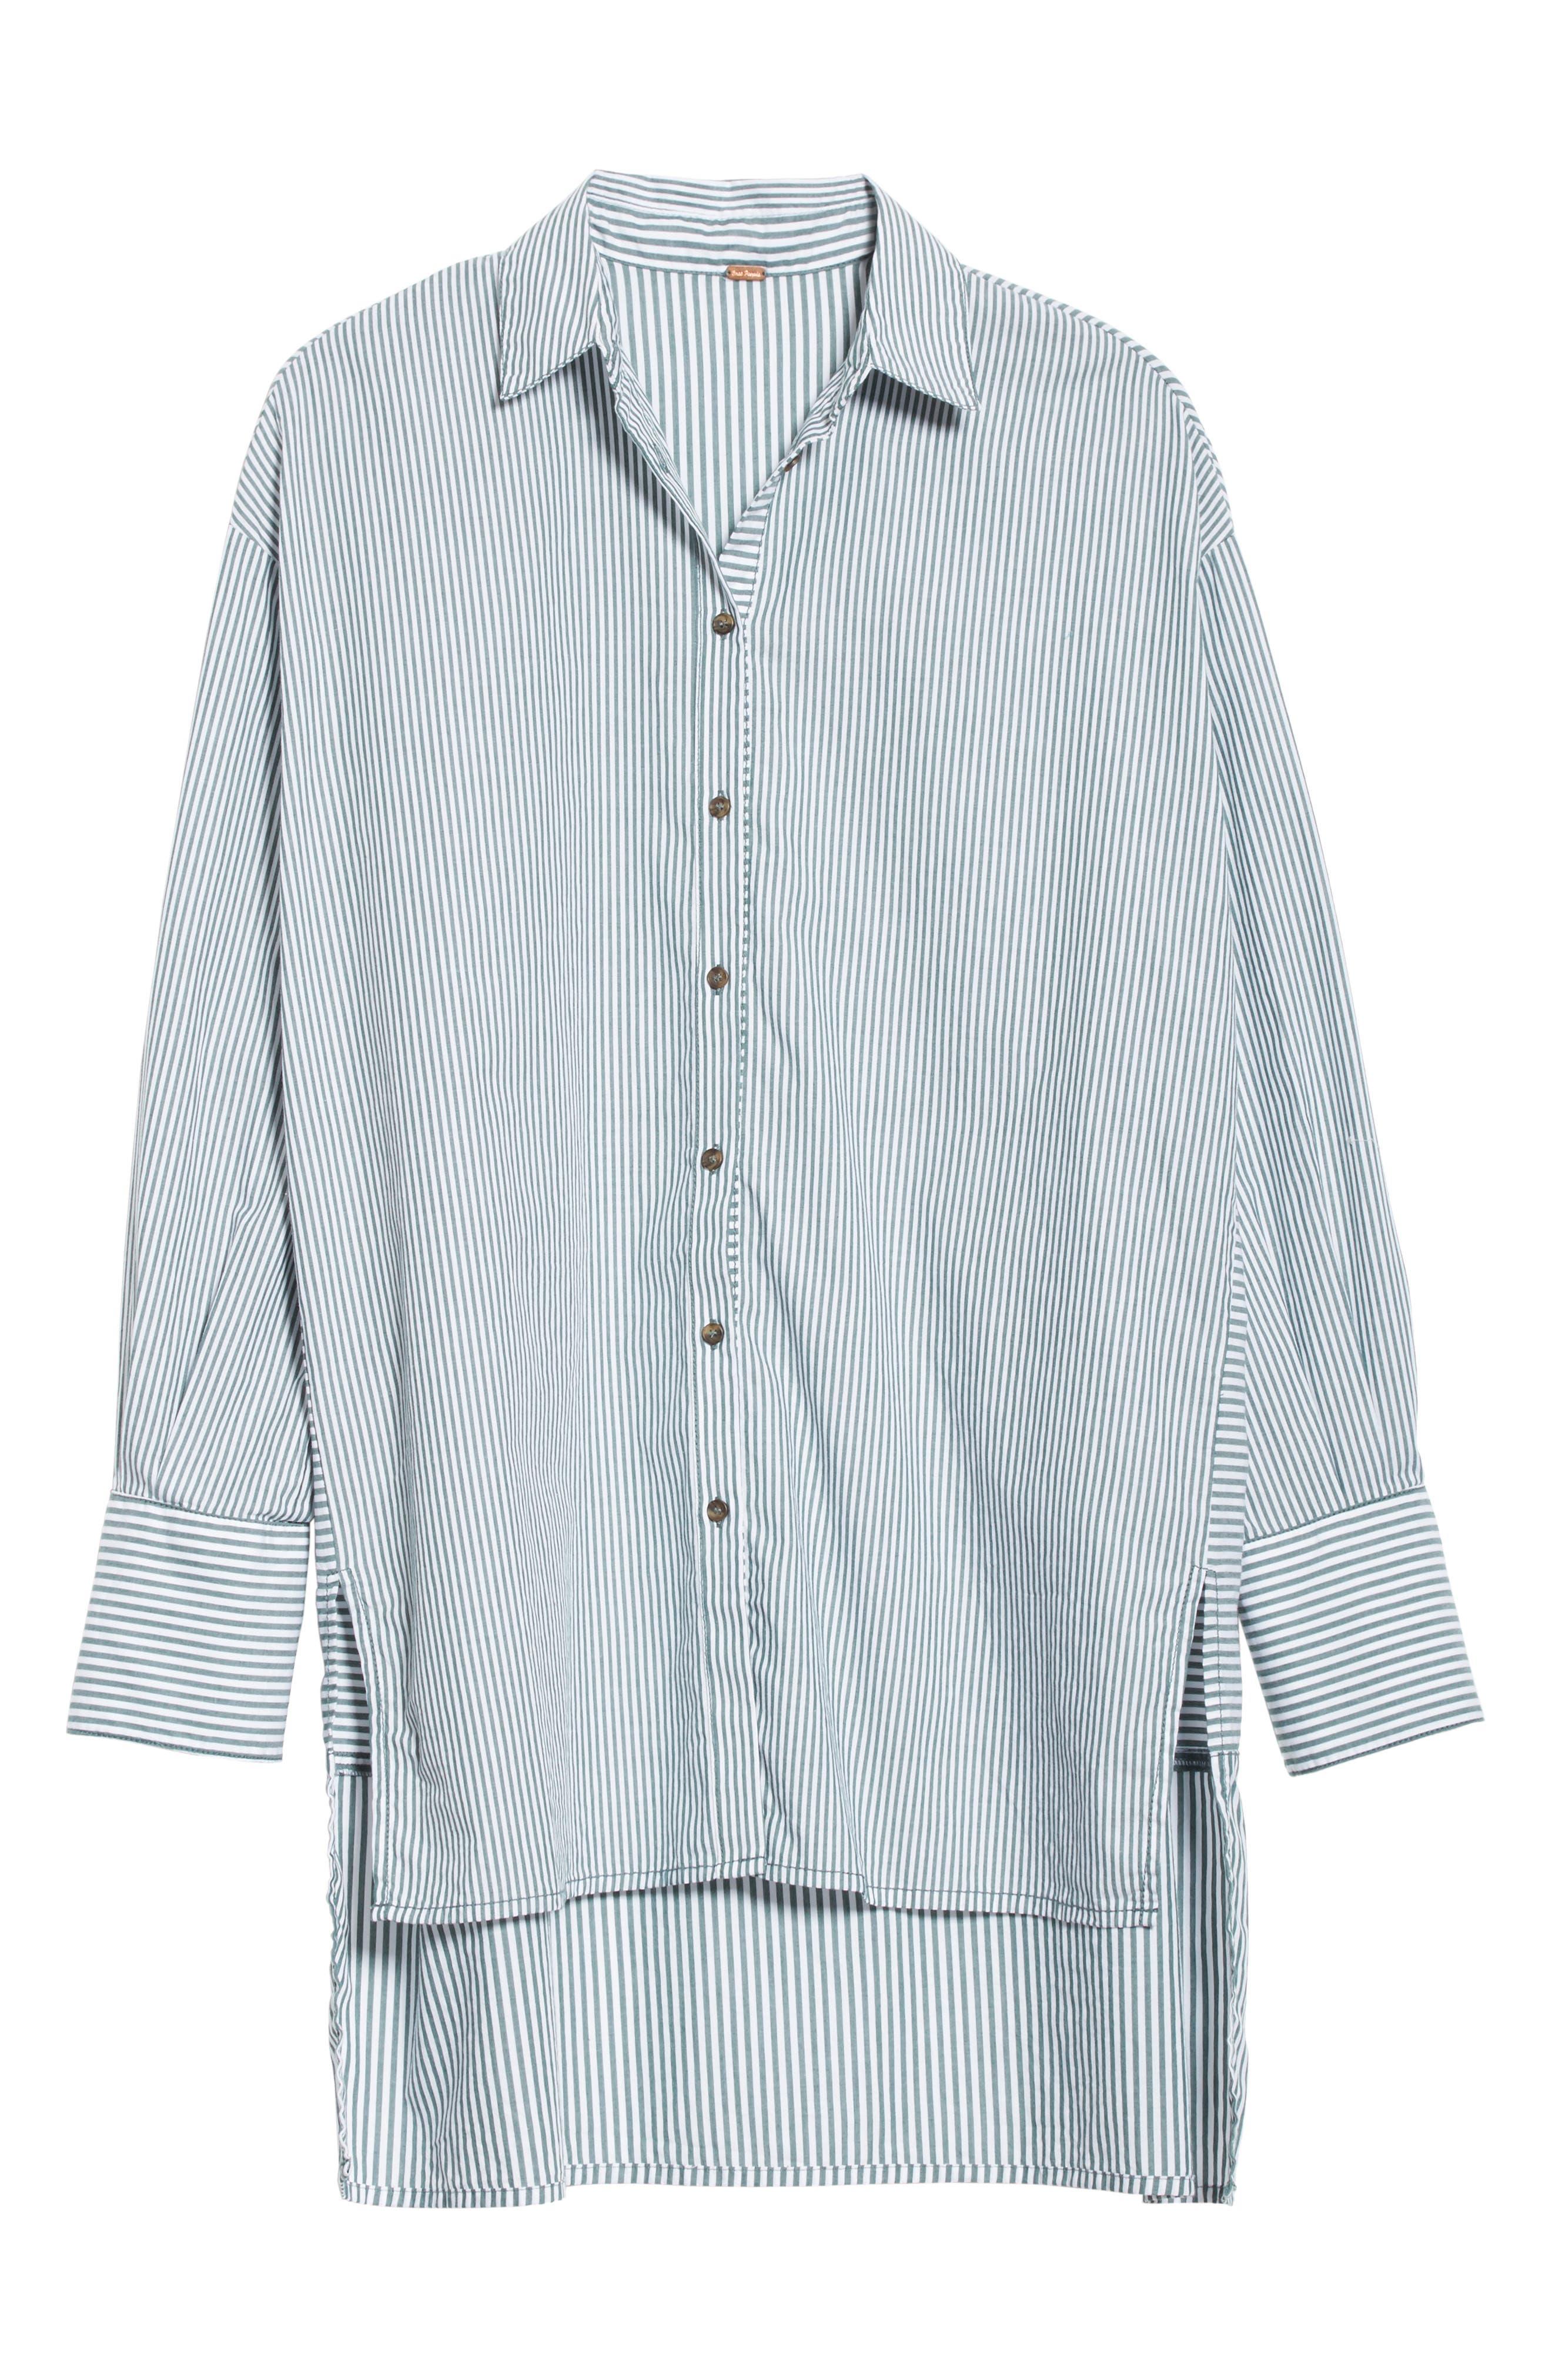 Lakehouse Oversize Shirt,                             Alternate thumbnail 6, color,                             300